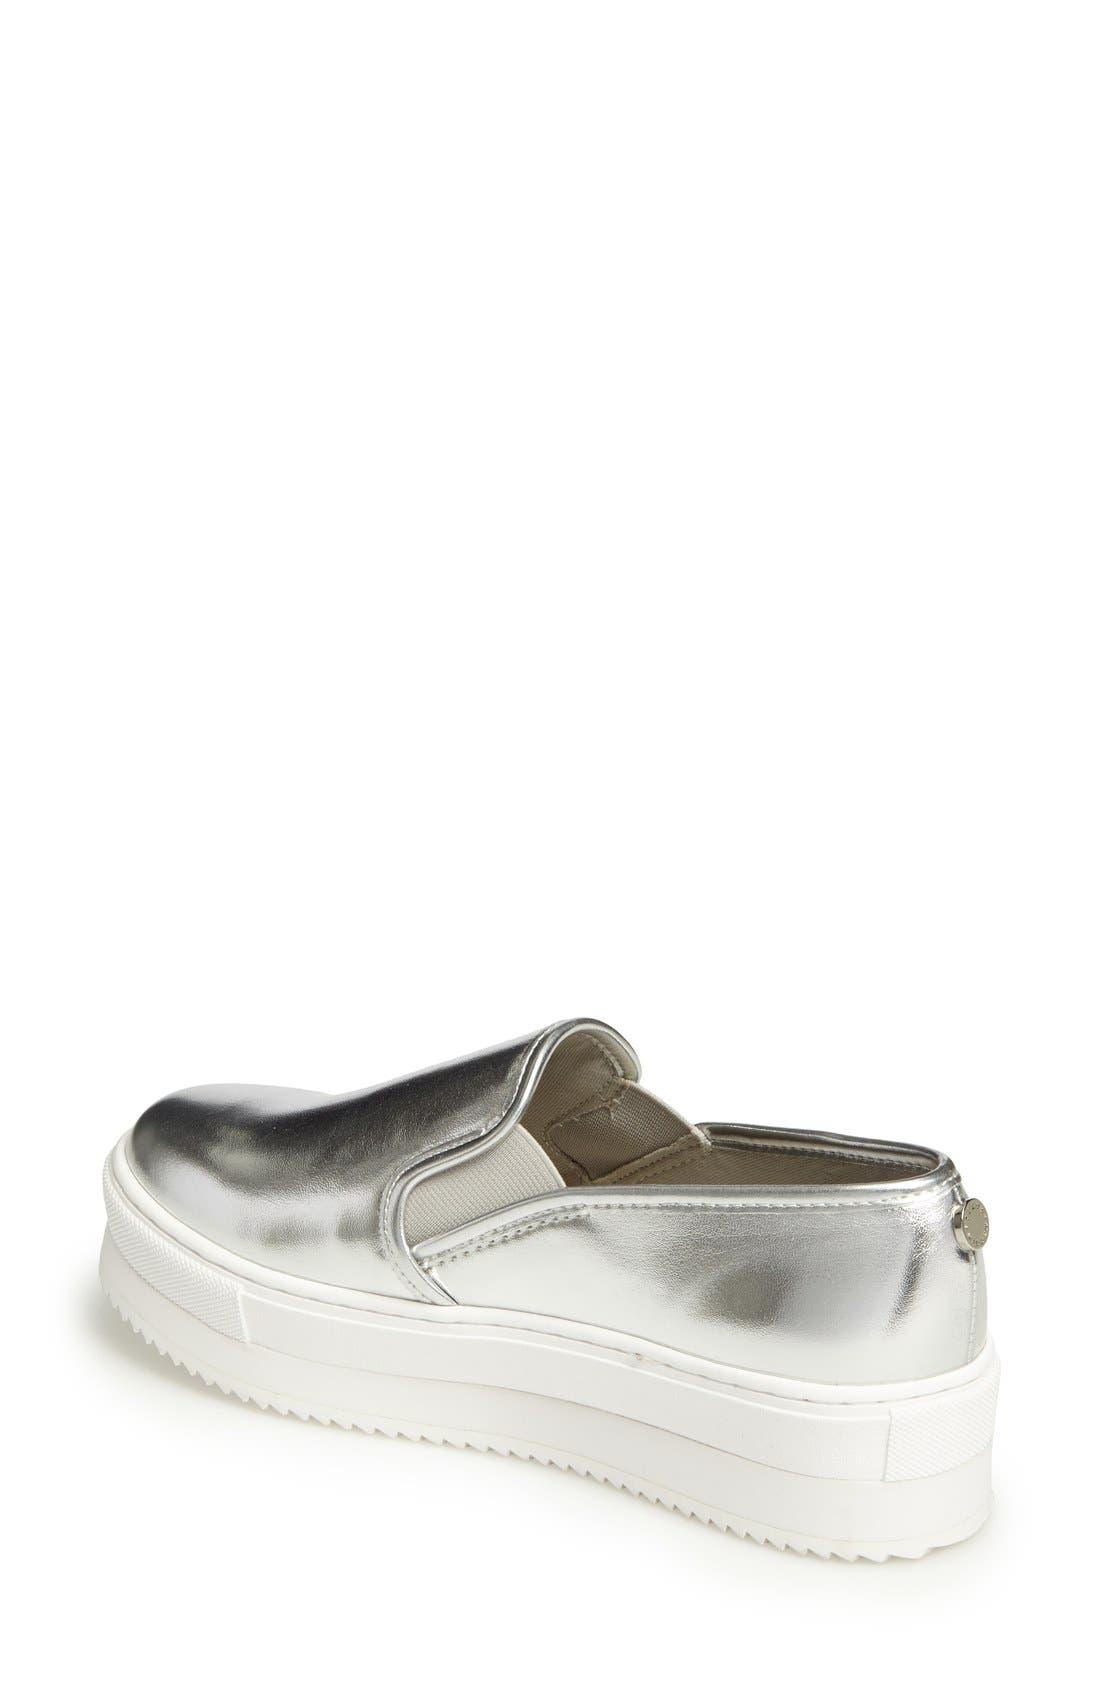 Alternate Image 2  - Steve Madden Slick Platform Sneaker (Women)